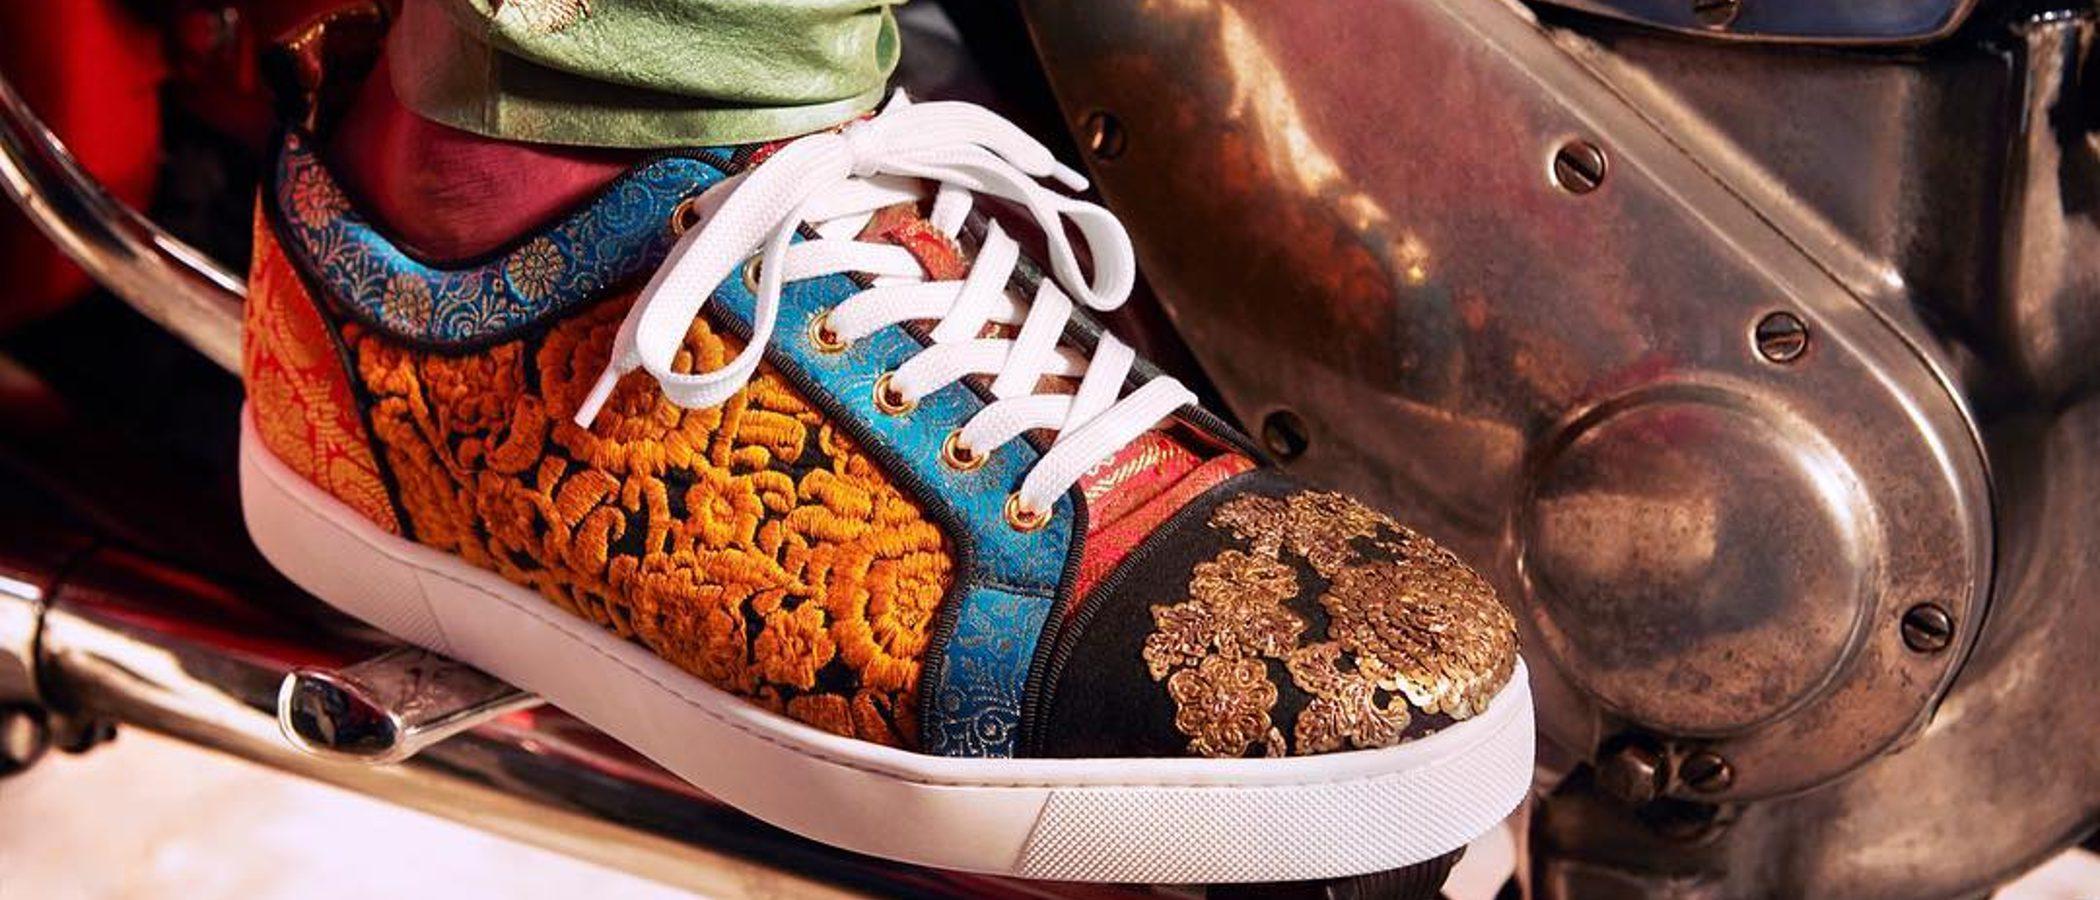 Christian Louboutin viaja a la India con una colección cápsula muy colorida